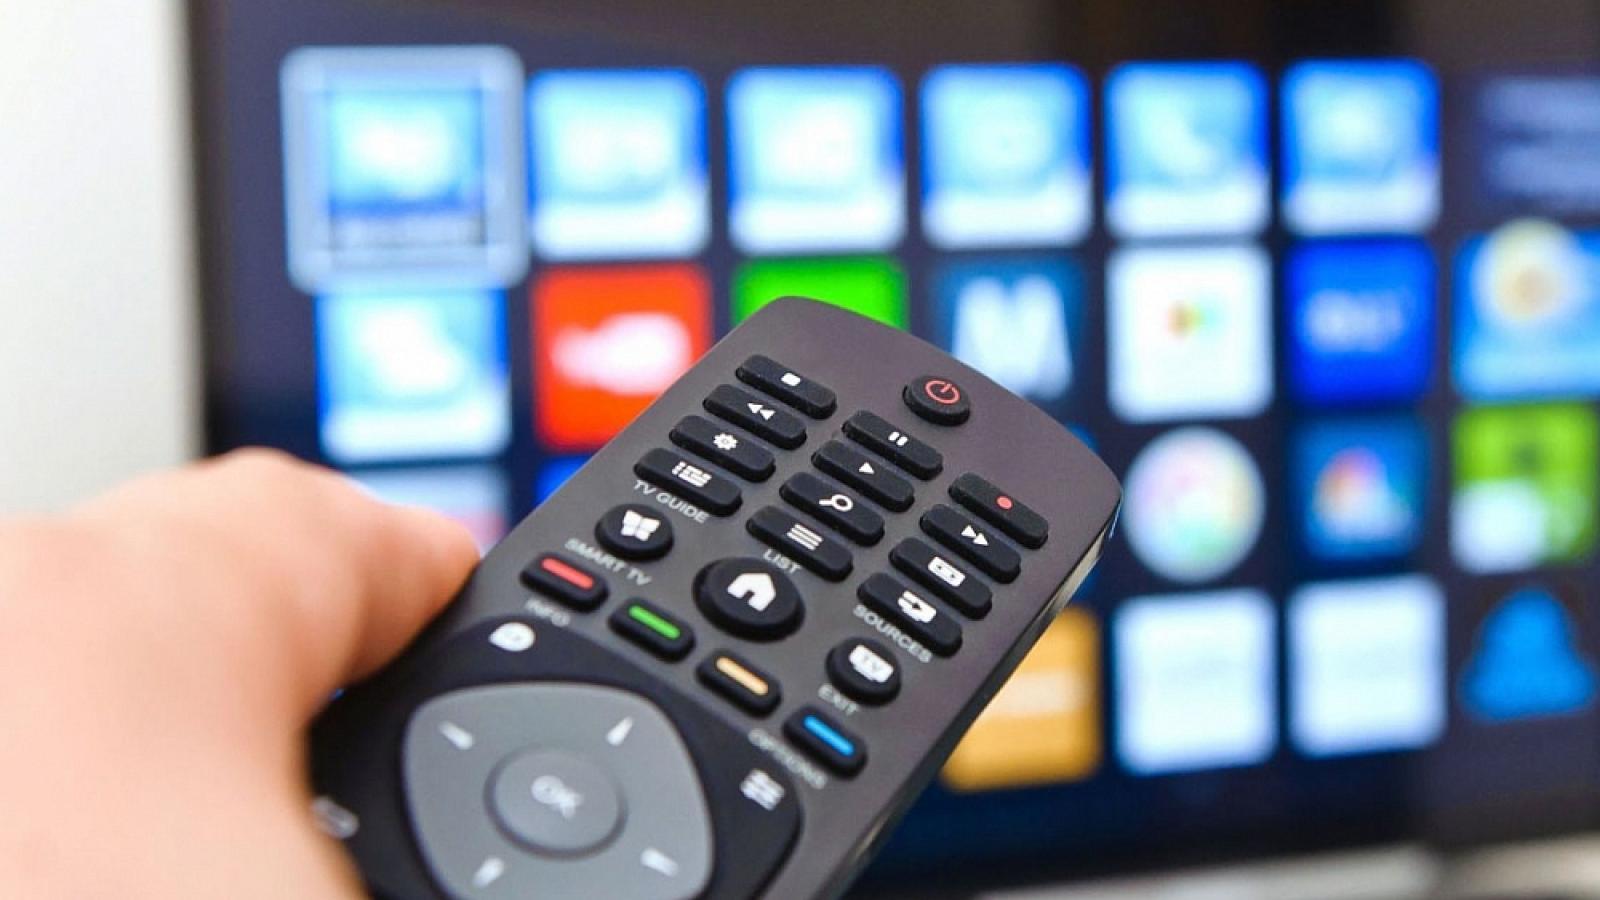 В Вологде перенесли переход на цифровое телевидение